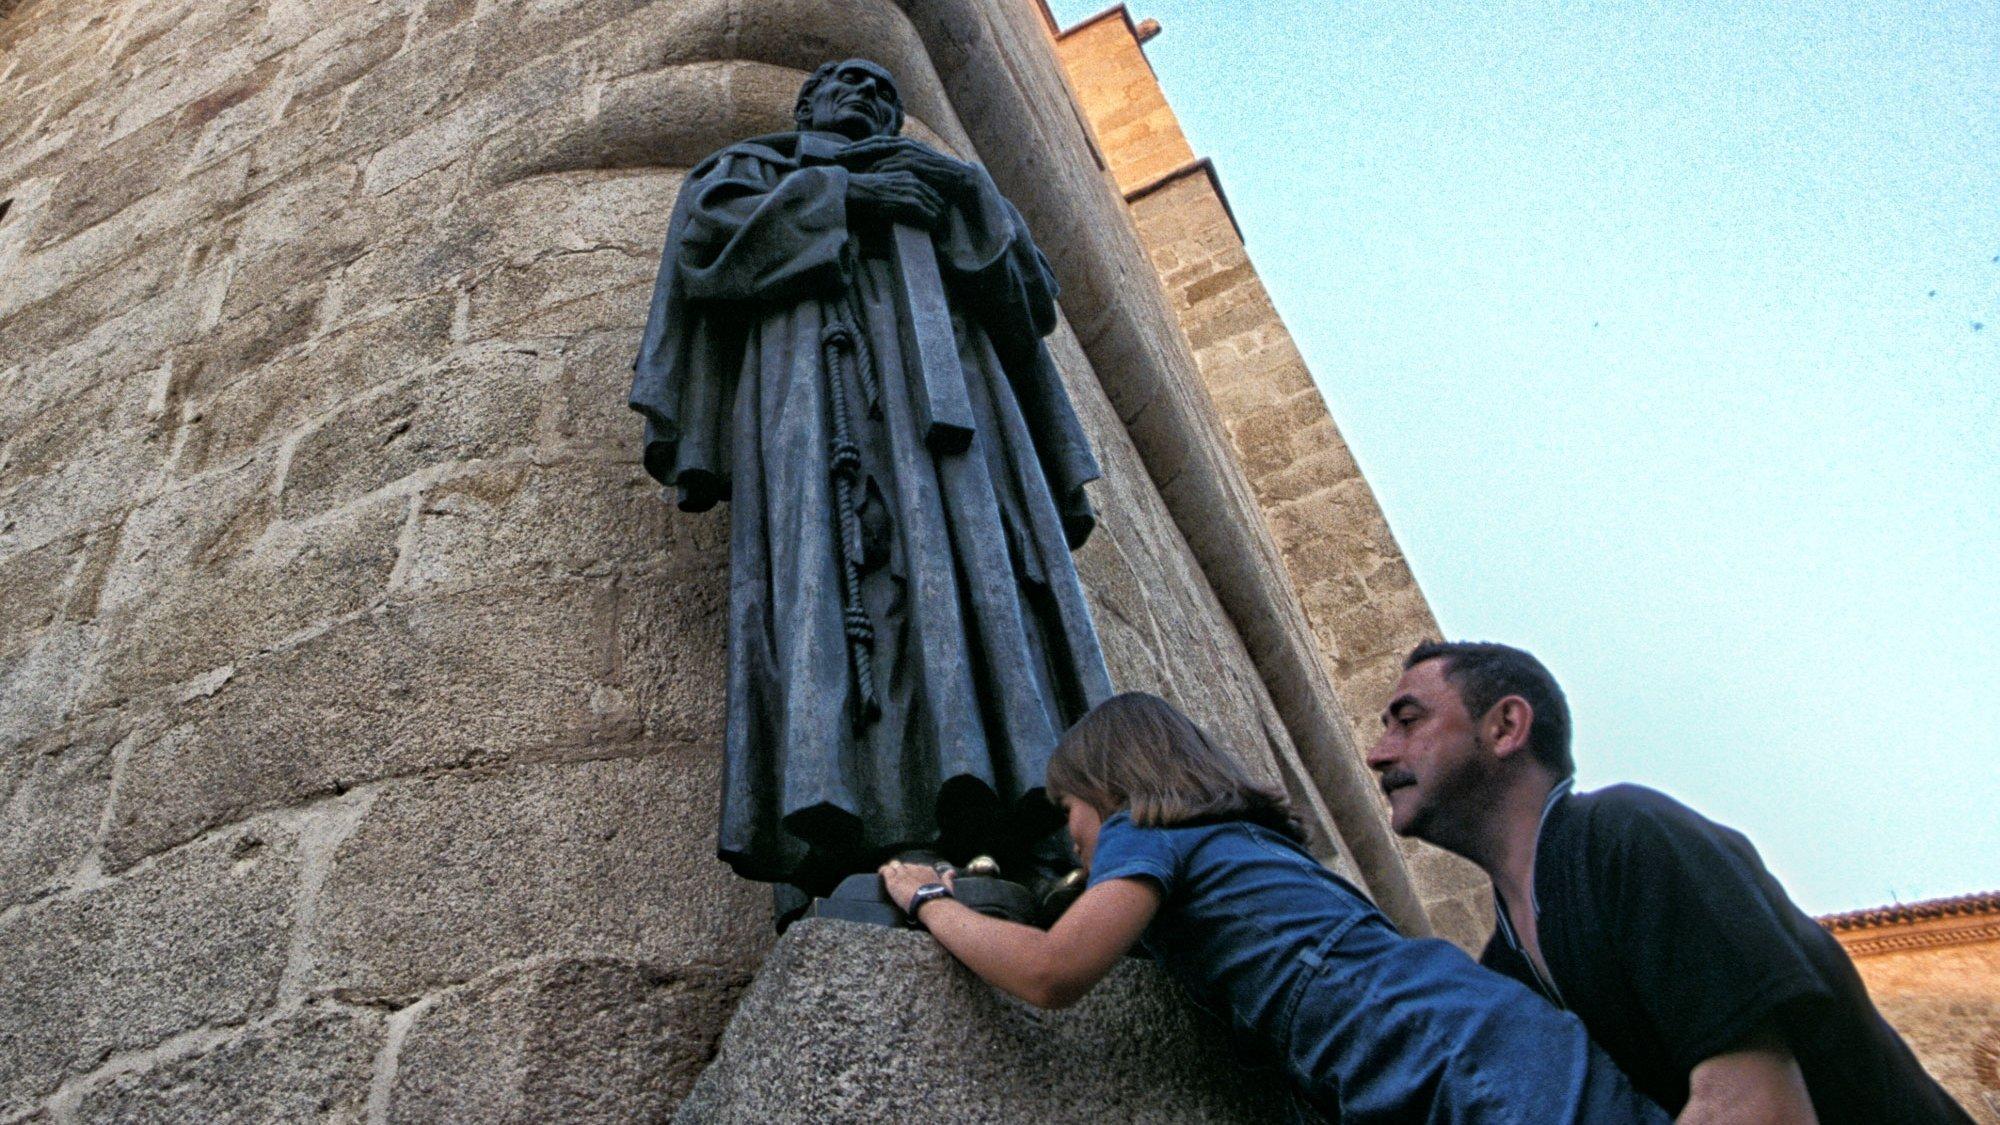 Einer steinernen Statue eines Priesters werden die Füsse geküsst. Eine Tradition im südspanischen Caceres